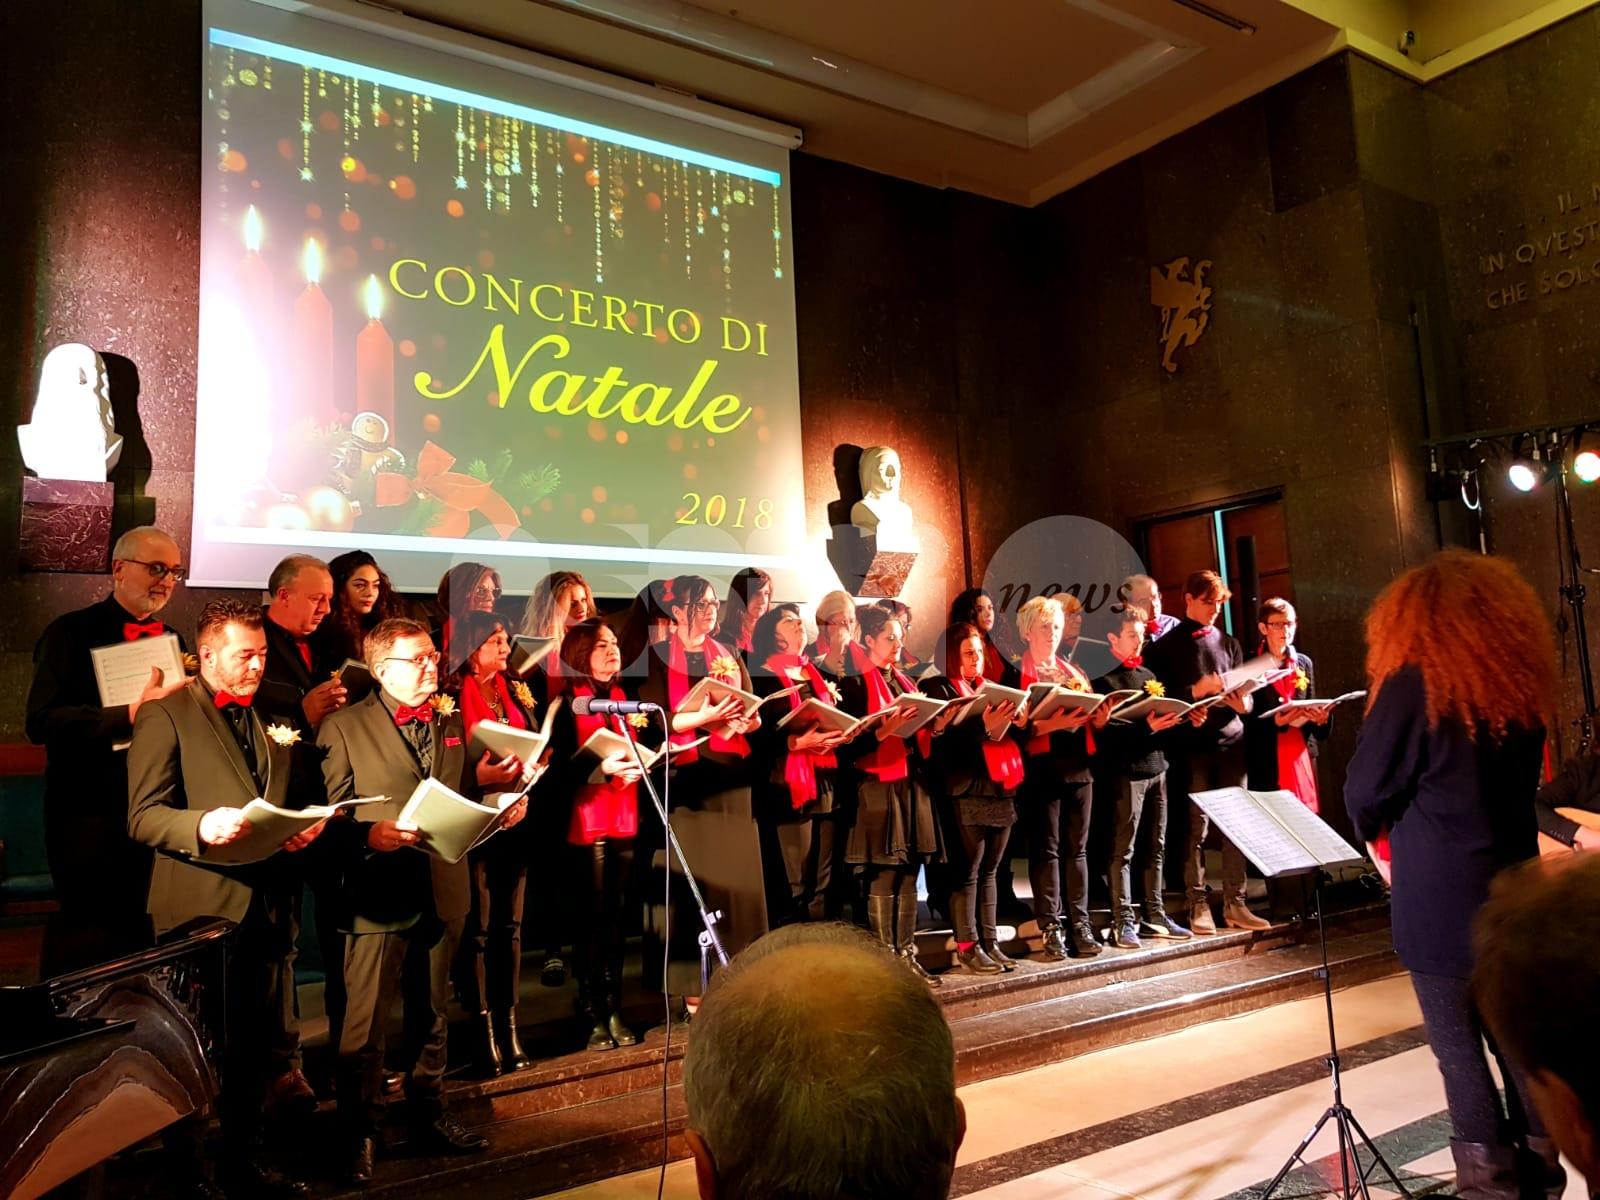 Il Coro Tordandreaincanto debutta al Concerto di Natale dell'Università di Perugia